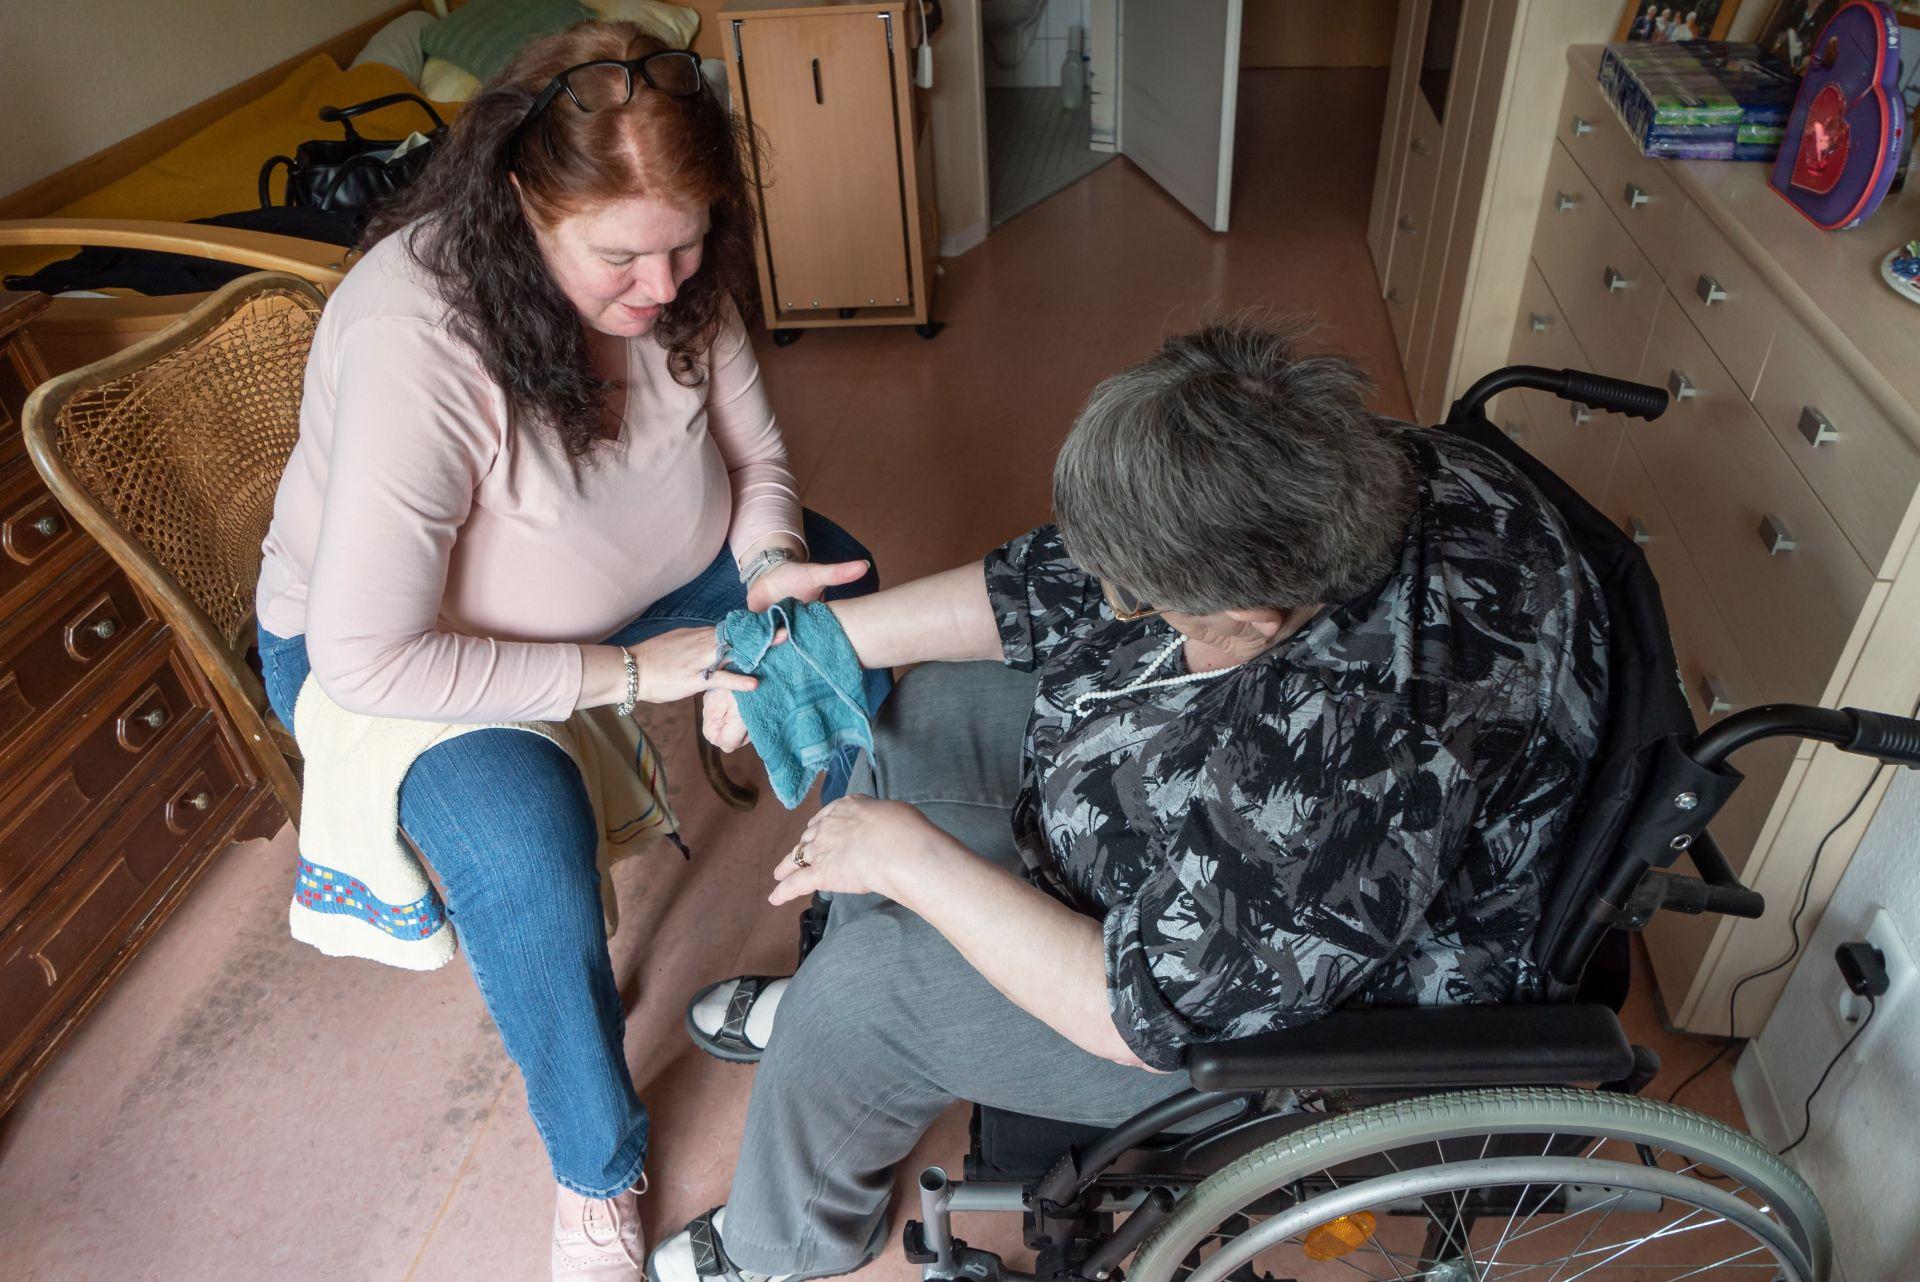 """adobestock 298646087 min - Häusliche Seniorenbetreuung: """"Der Bedarf ist sehr groß und wird in den kommenden Jahren gigantisch wachsen"""""""